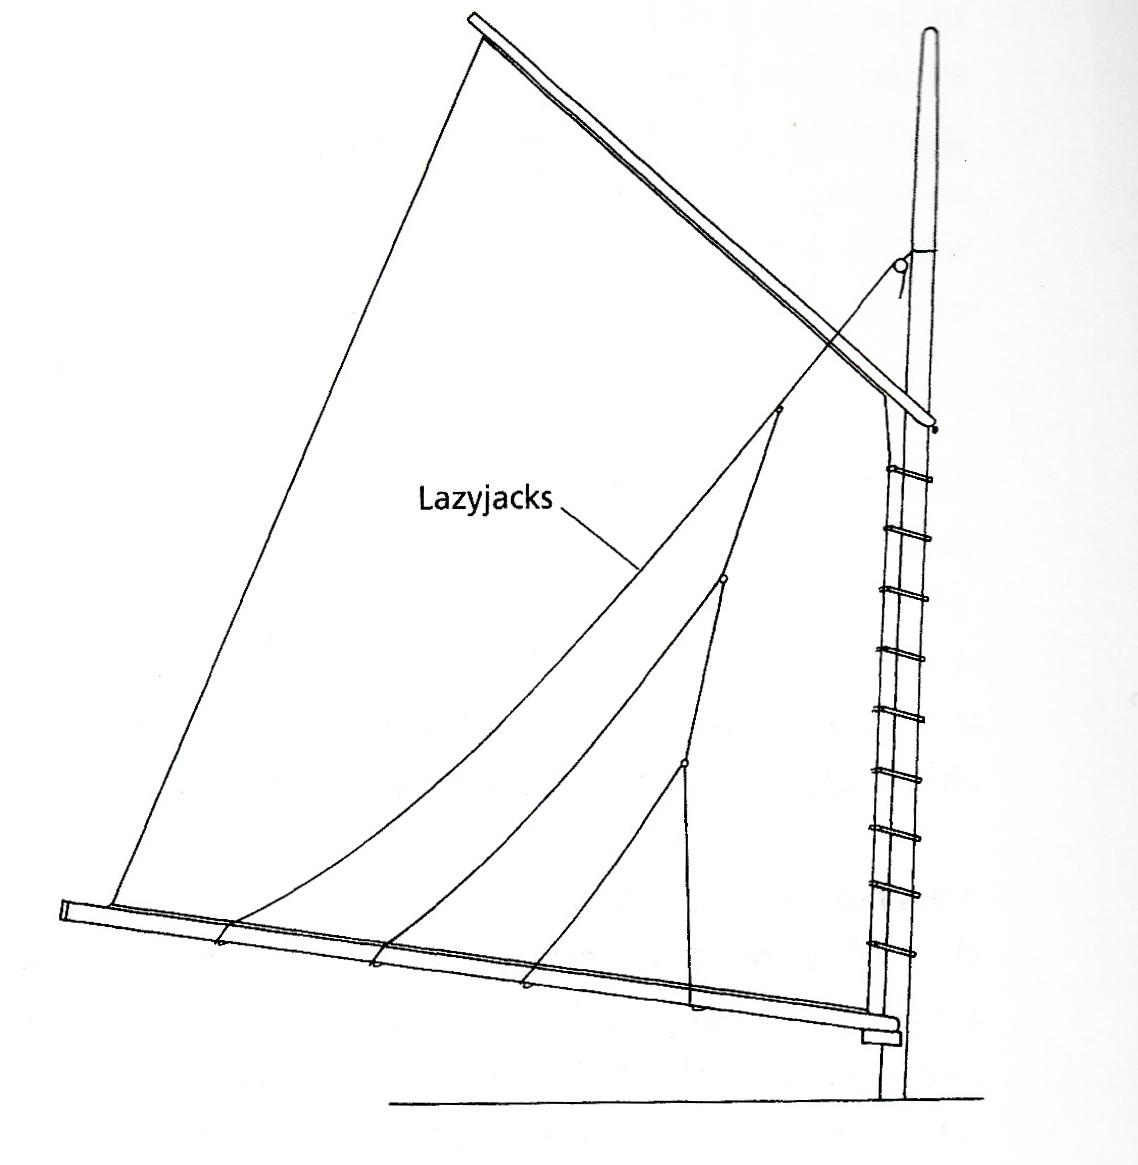 Compassman Dan S Schooners Are Unique Sailing Vessels